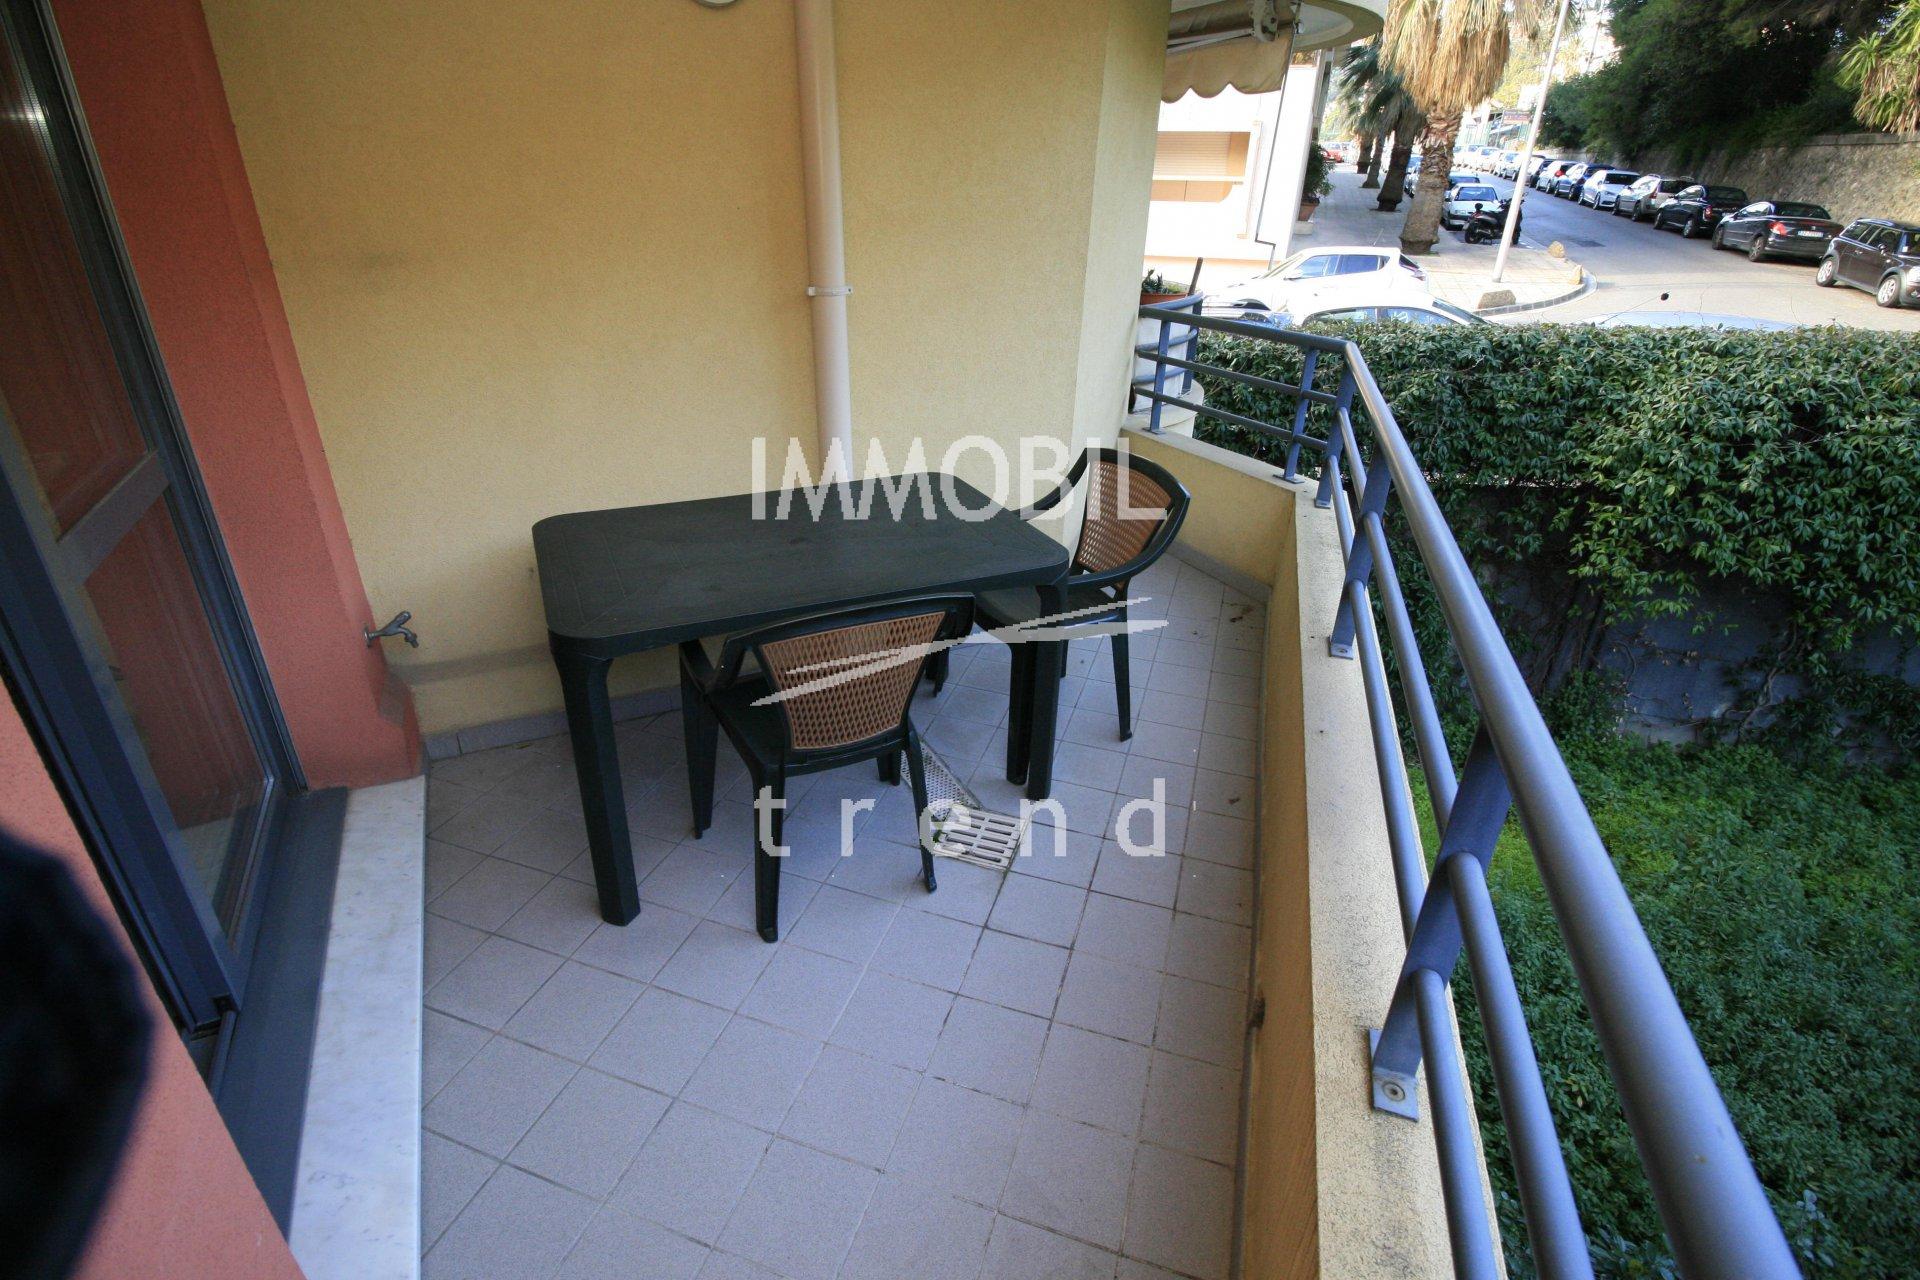 EXCLUSIVITE Menton Garavan - 2 pièces avec terrasse dans un immeuble récent.